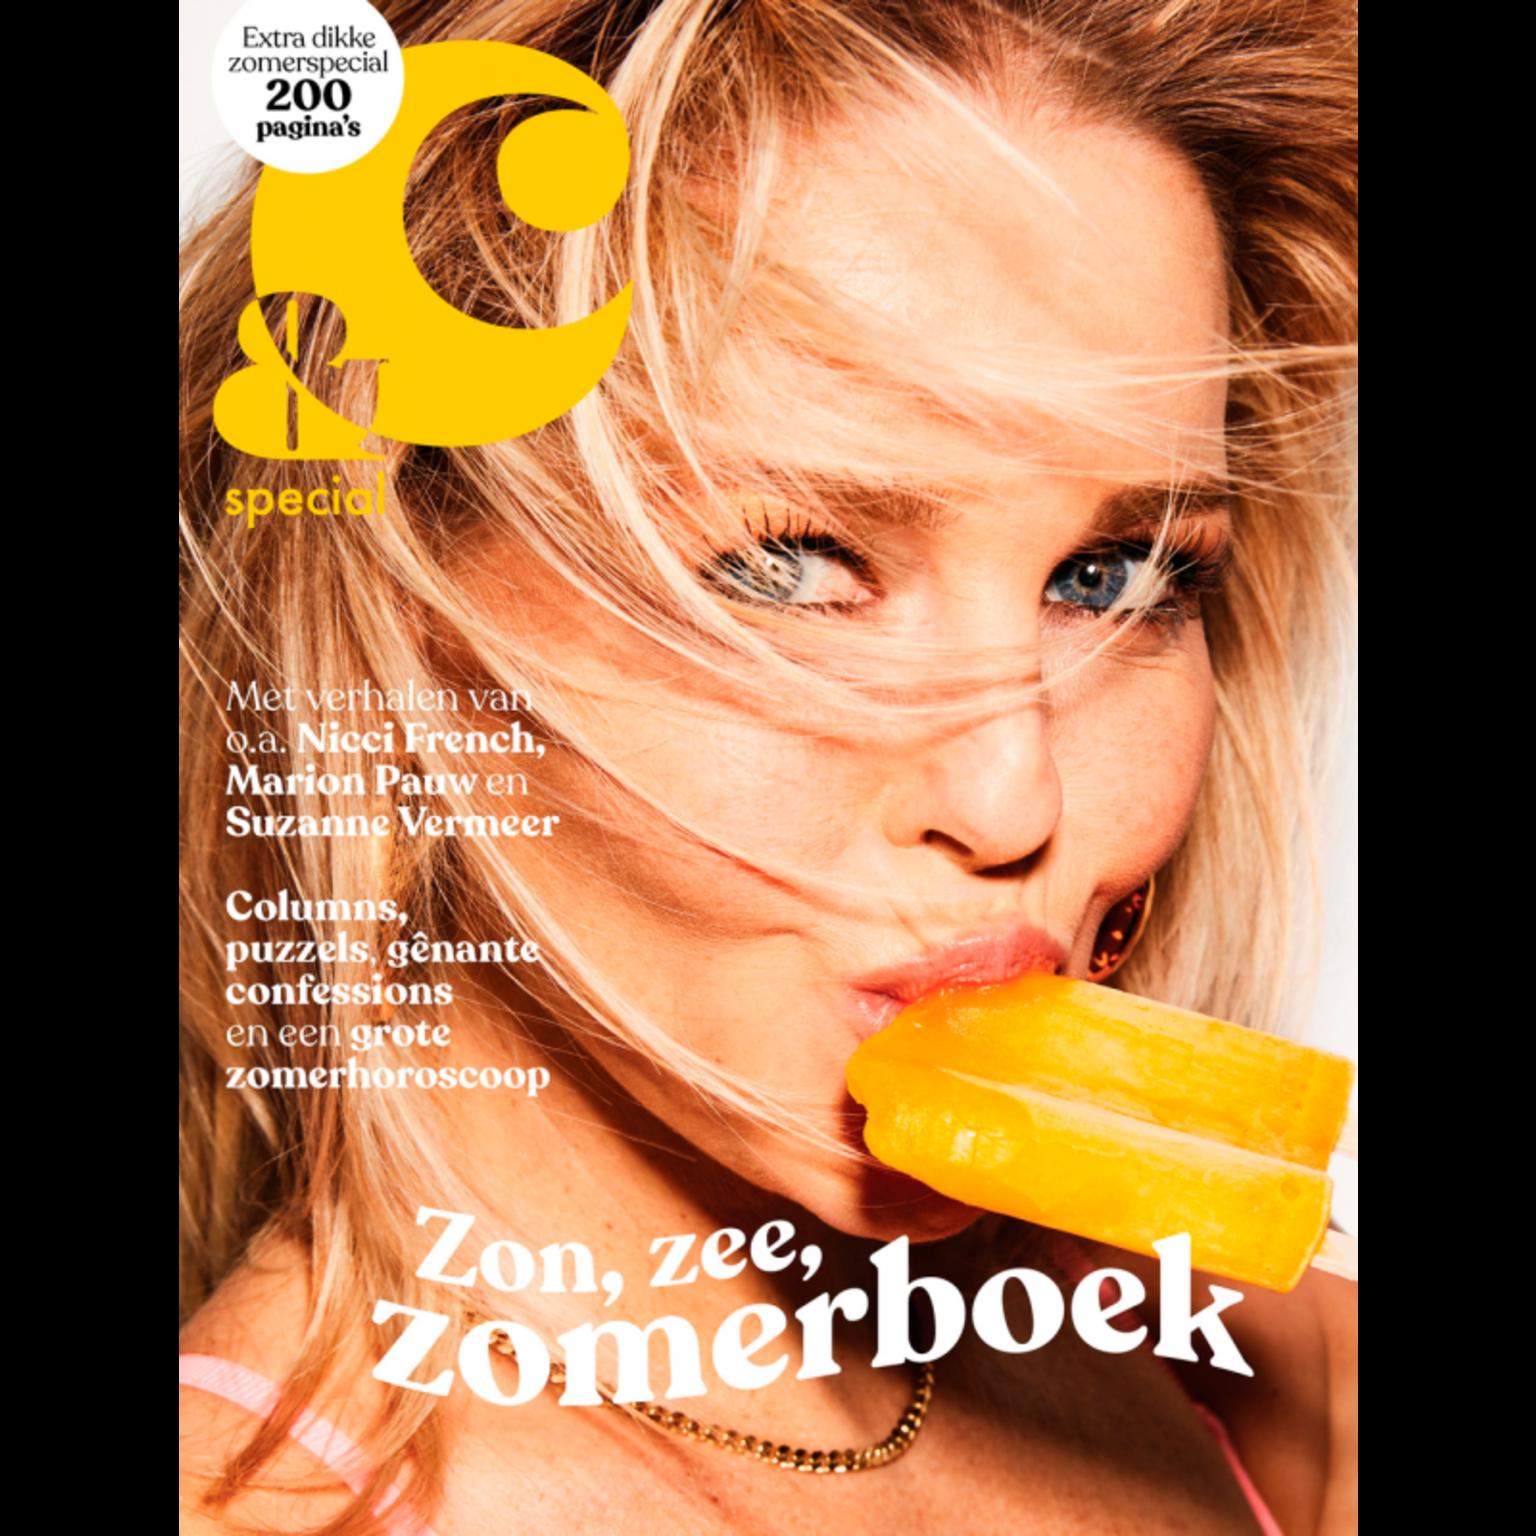 &C Fijne Foute zomerboek